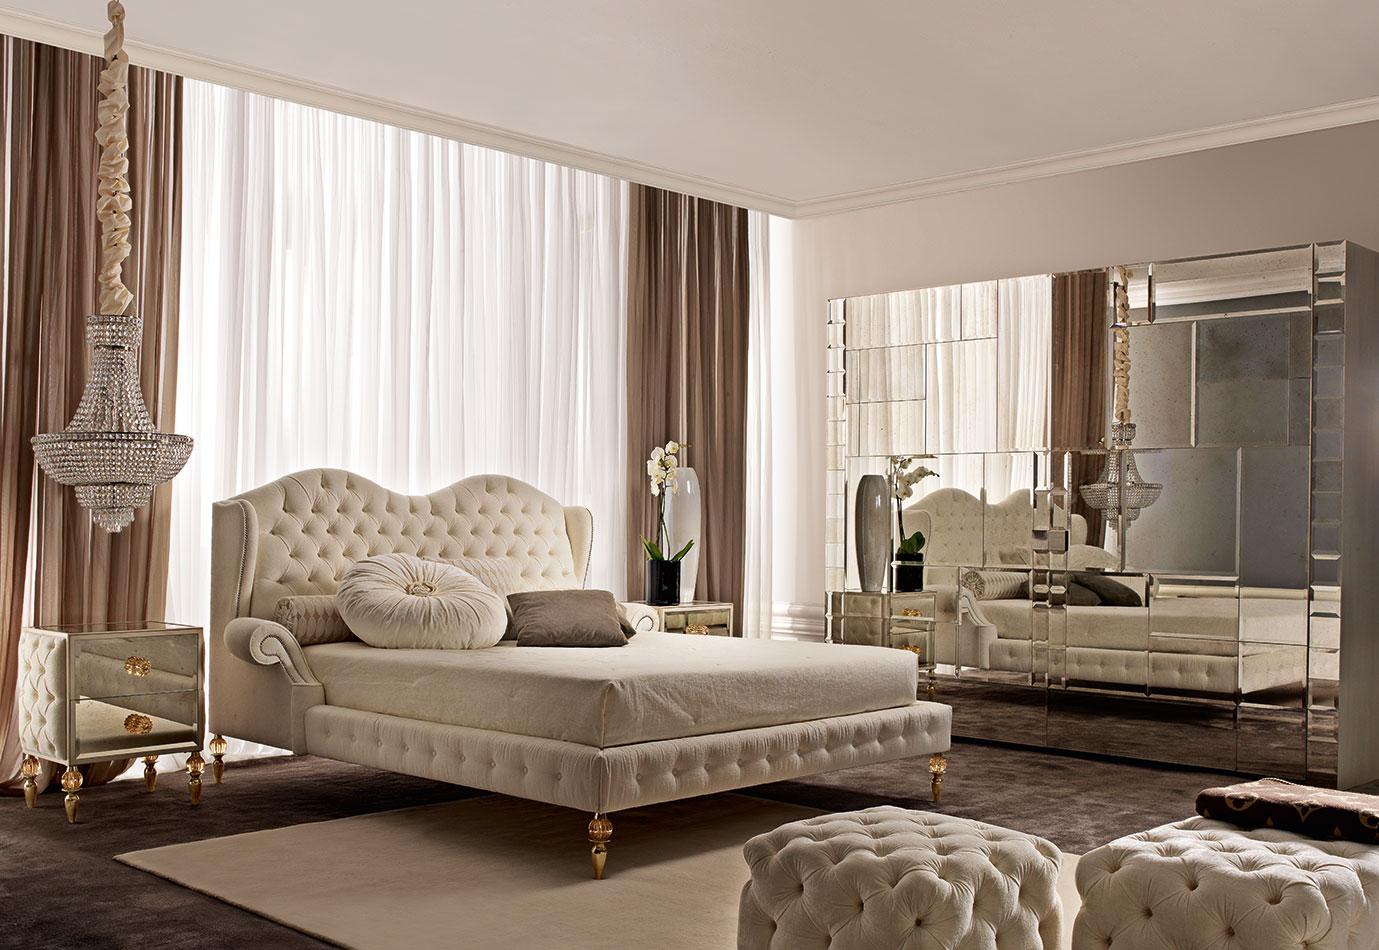 Collezione fd collection la notte le camere da letto for Case moderne classiche